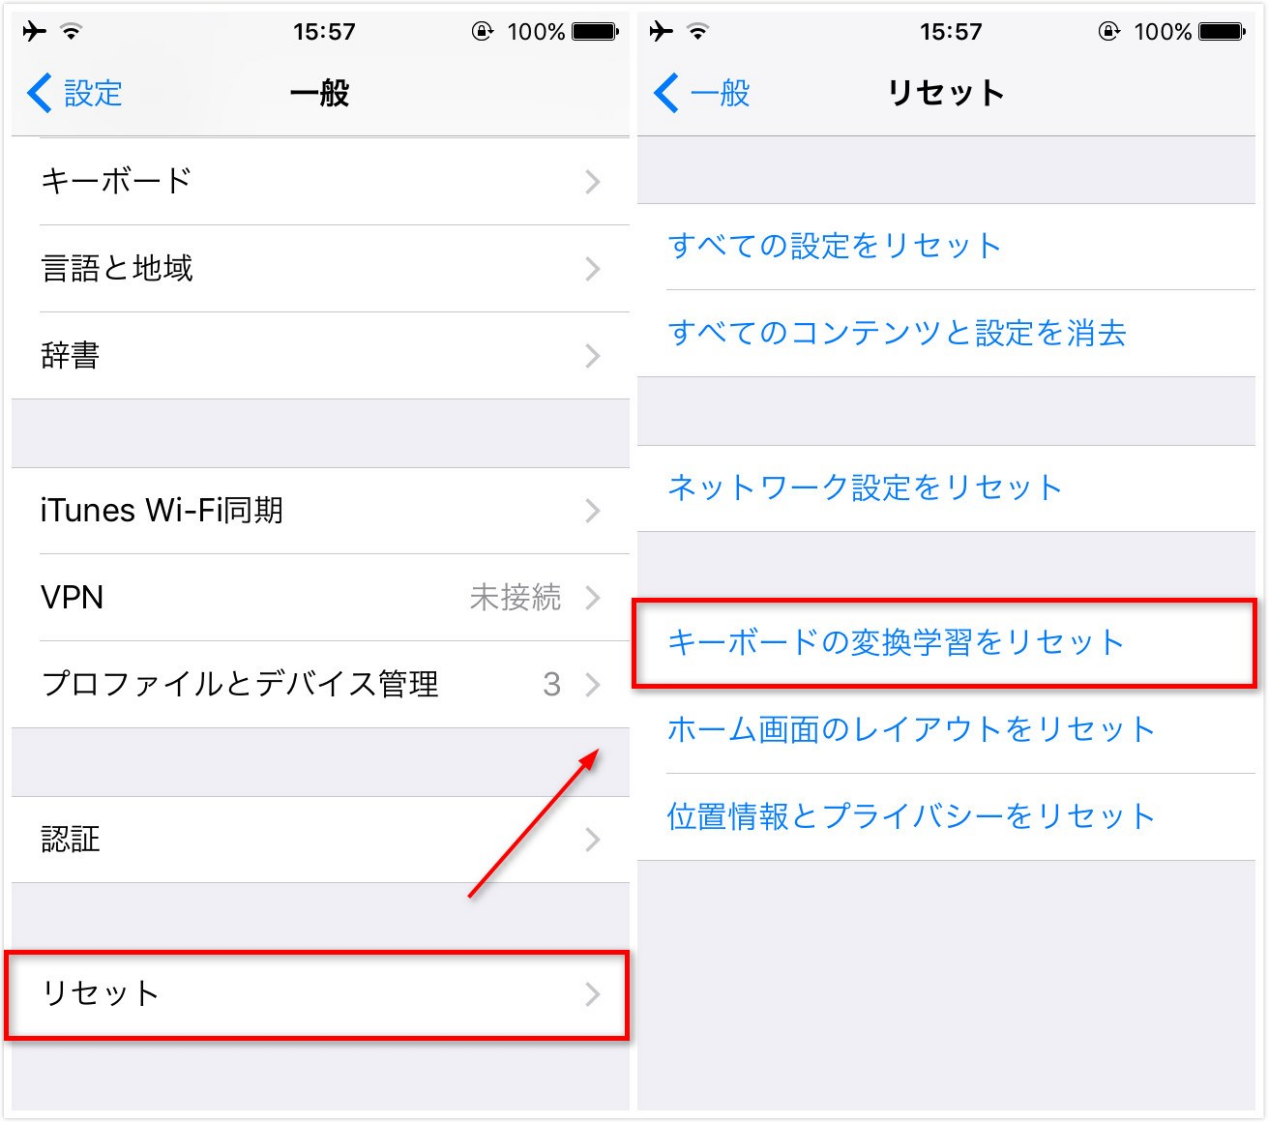 iOS 11アップデートによるiPhoneが重い・遅い-iPhoneを軽くする方法